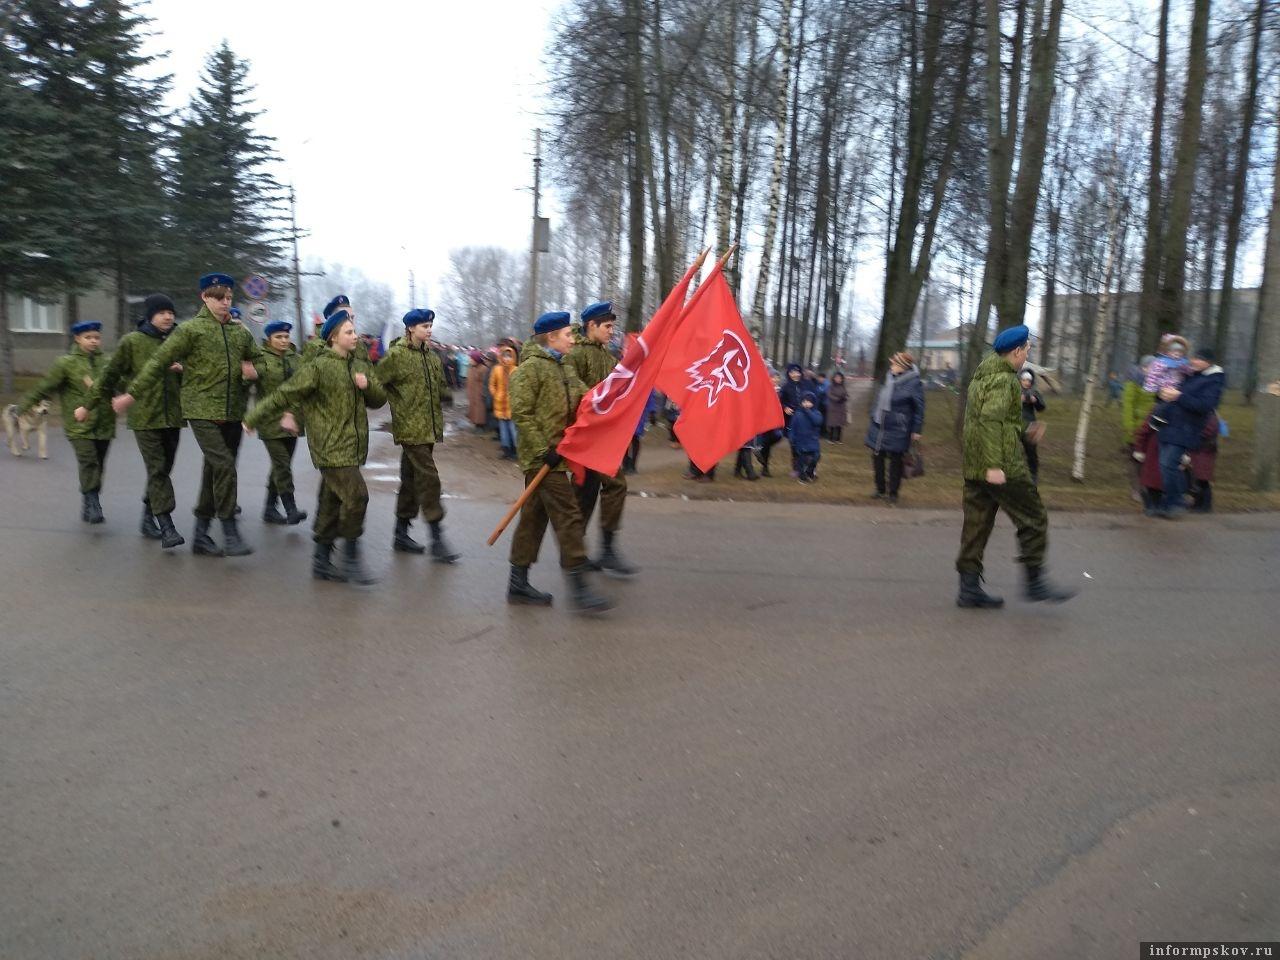 В Дно прошли мероприятия в честь 76-летия освобождения поселка. Фото: Леонид Шепталин.